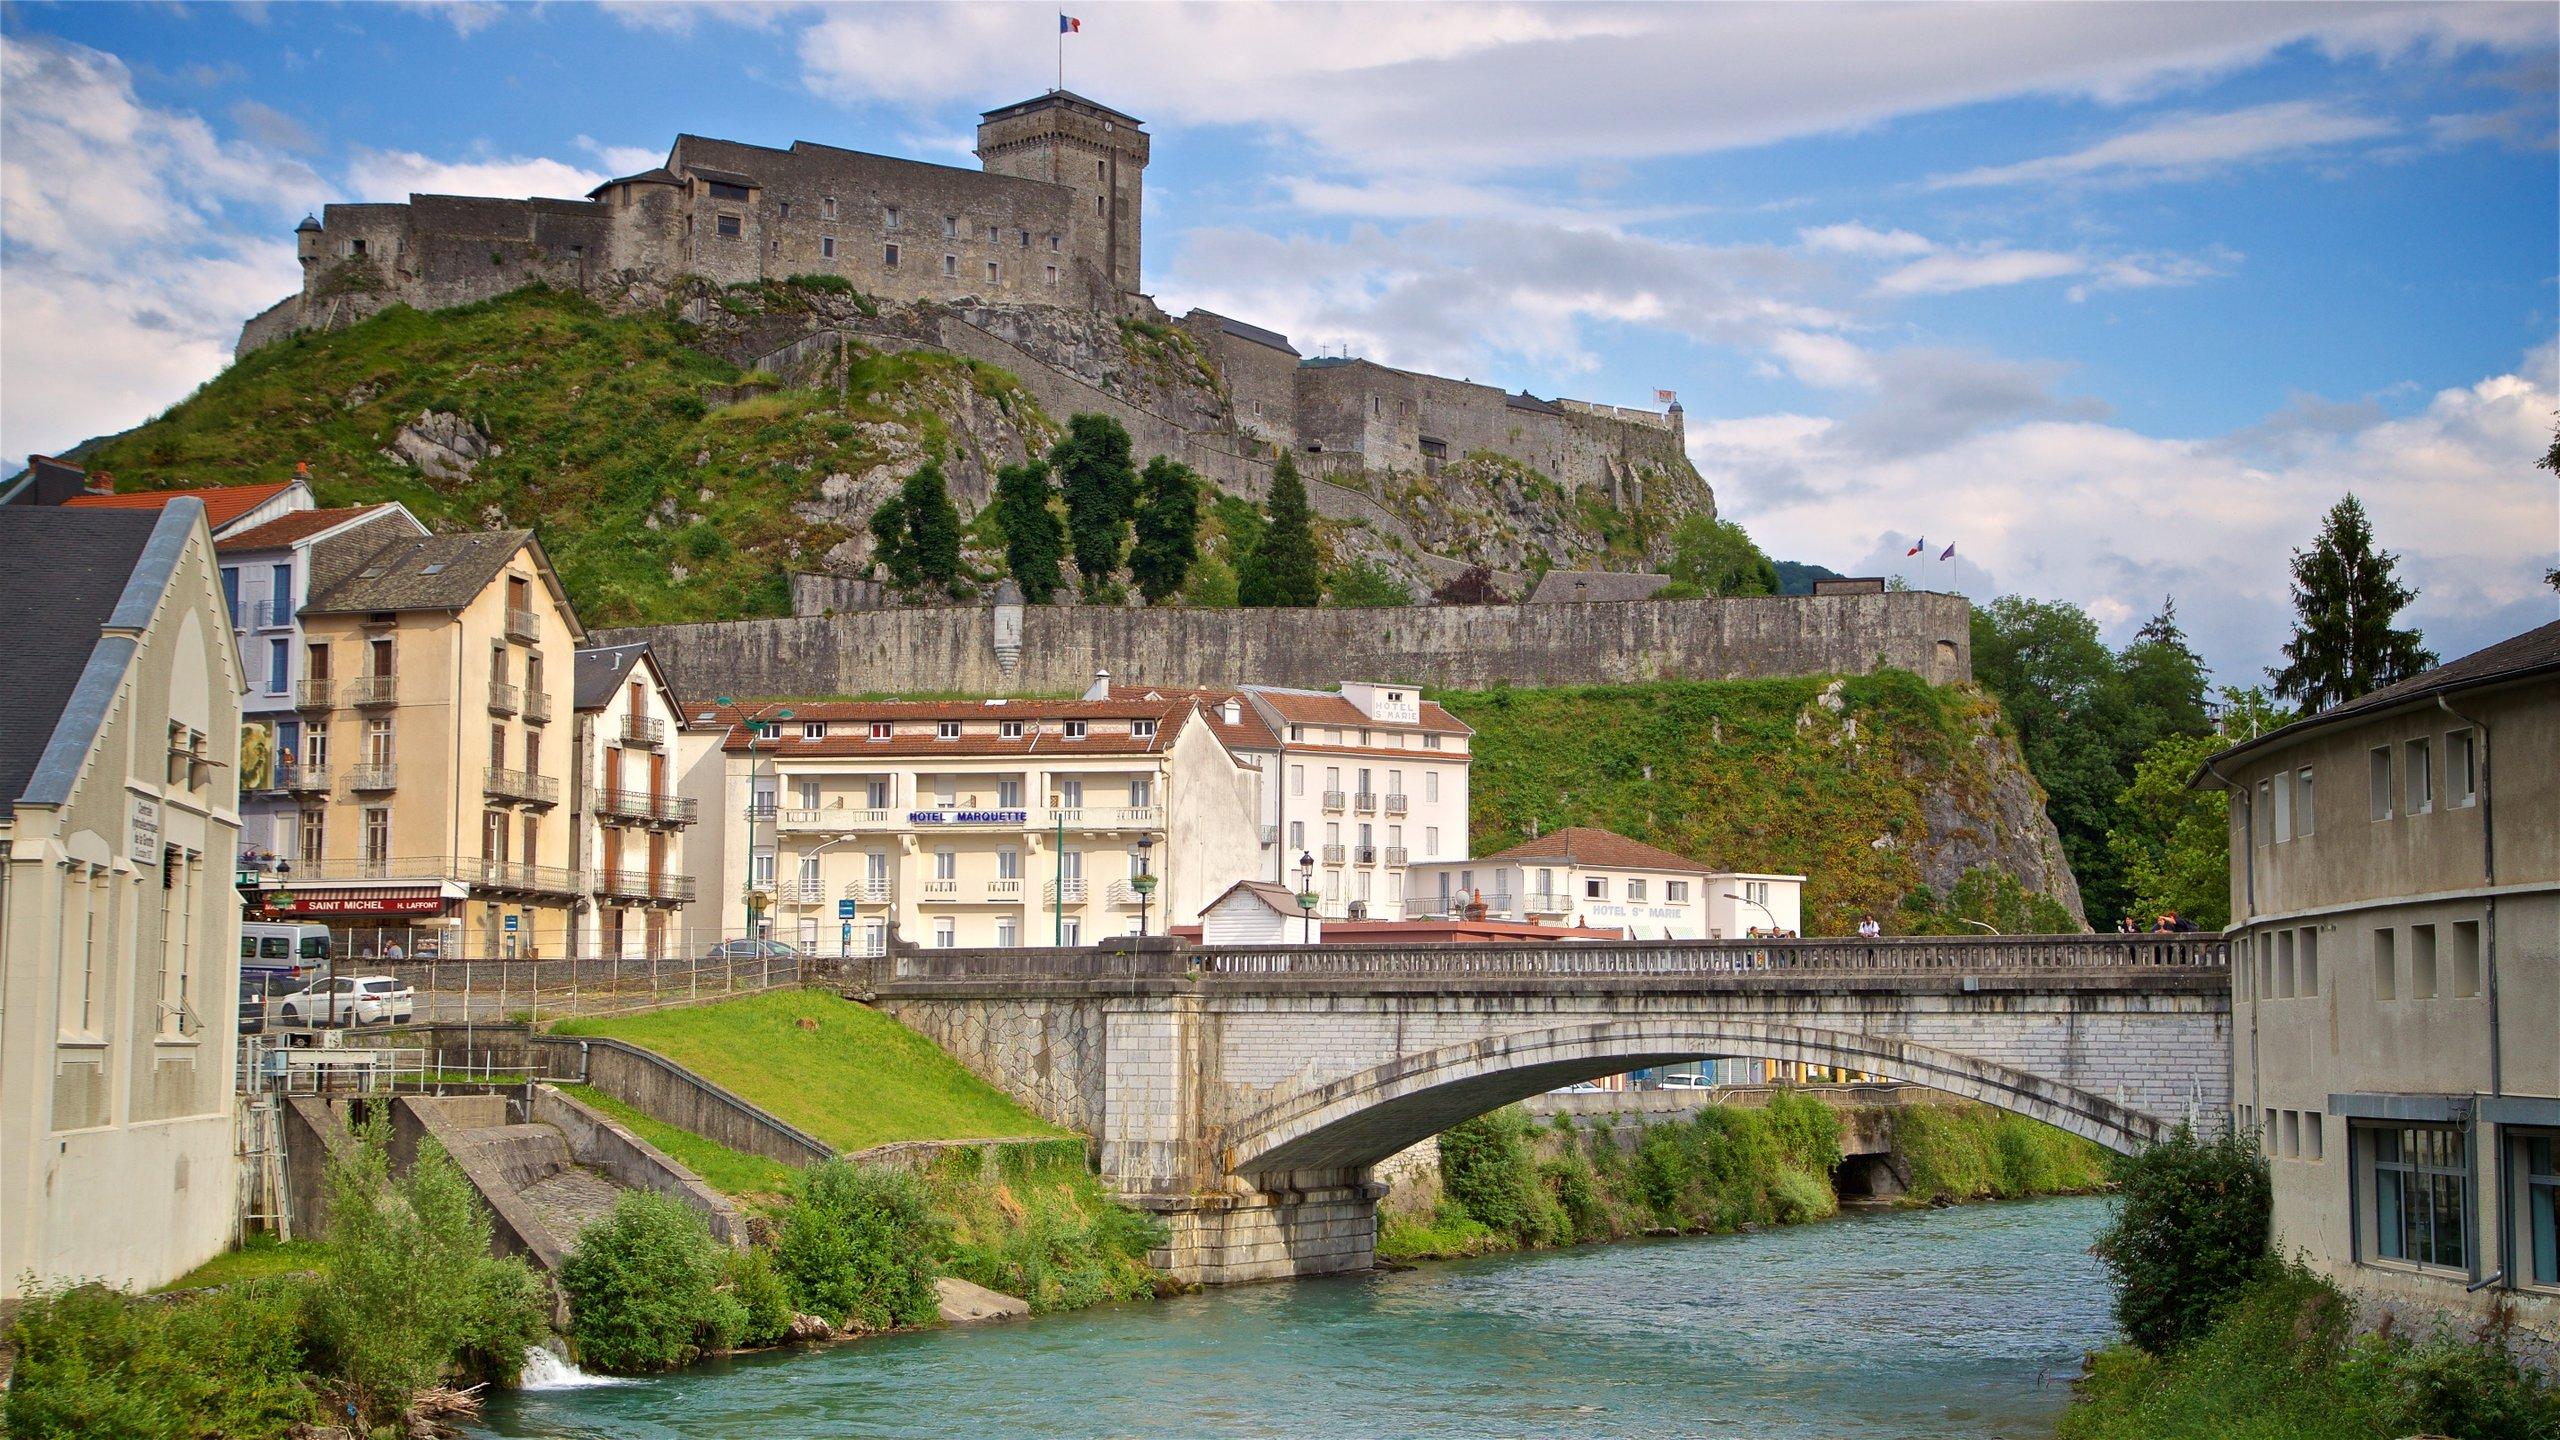 Château Fort Musée Pyrénéen, Lourdes, Hautes-Pyrénées, Frankrijk